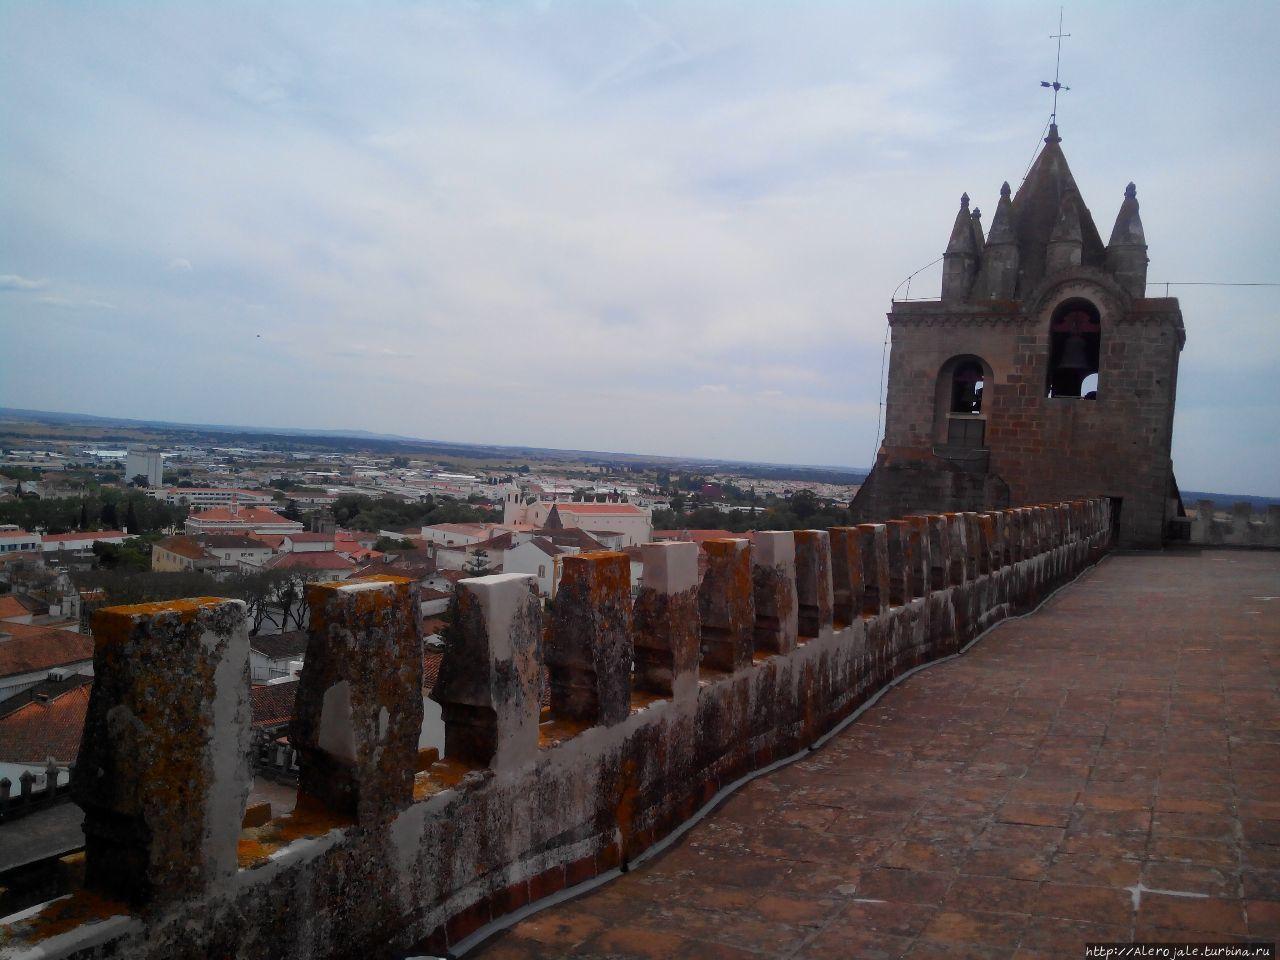 Эворский собор Эвора, Португалия